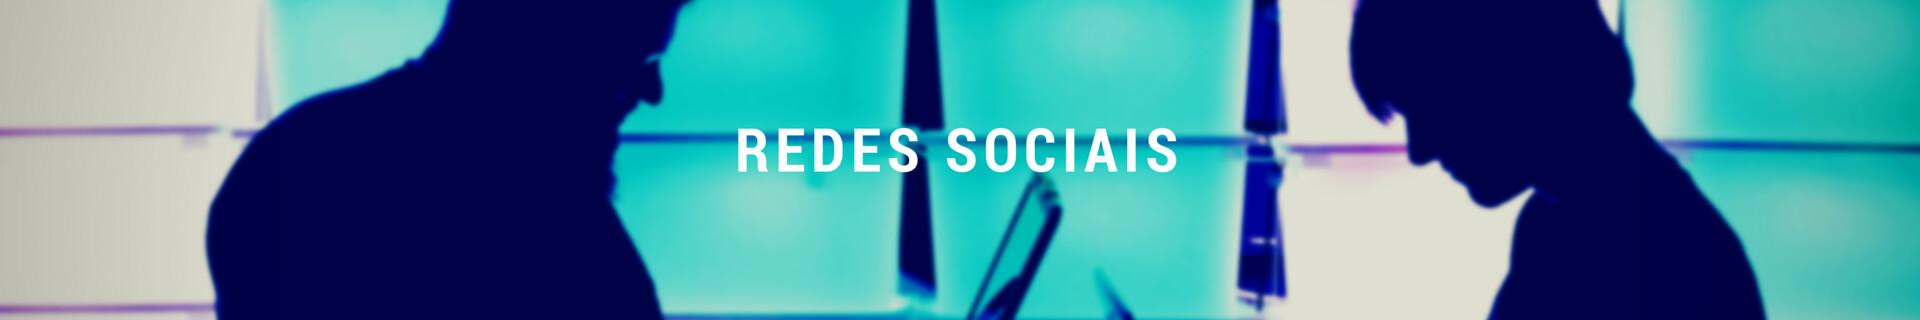 slider-redes-sociais